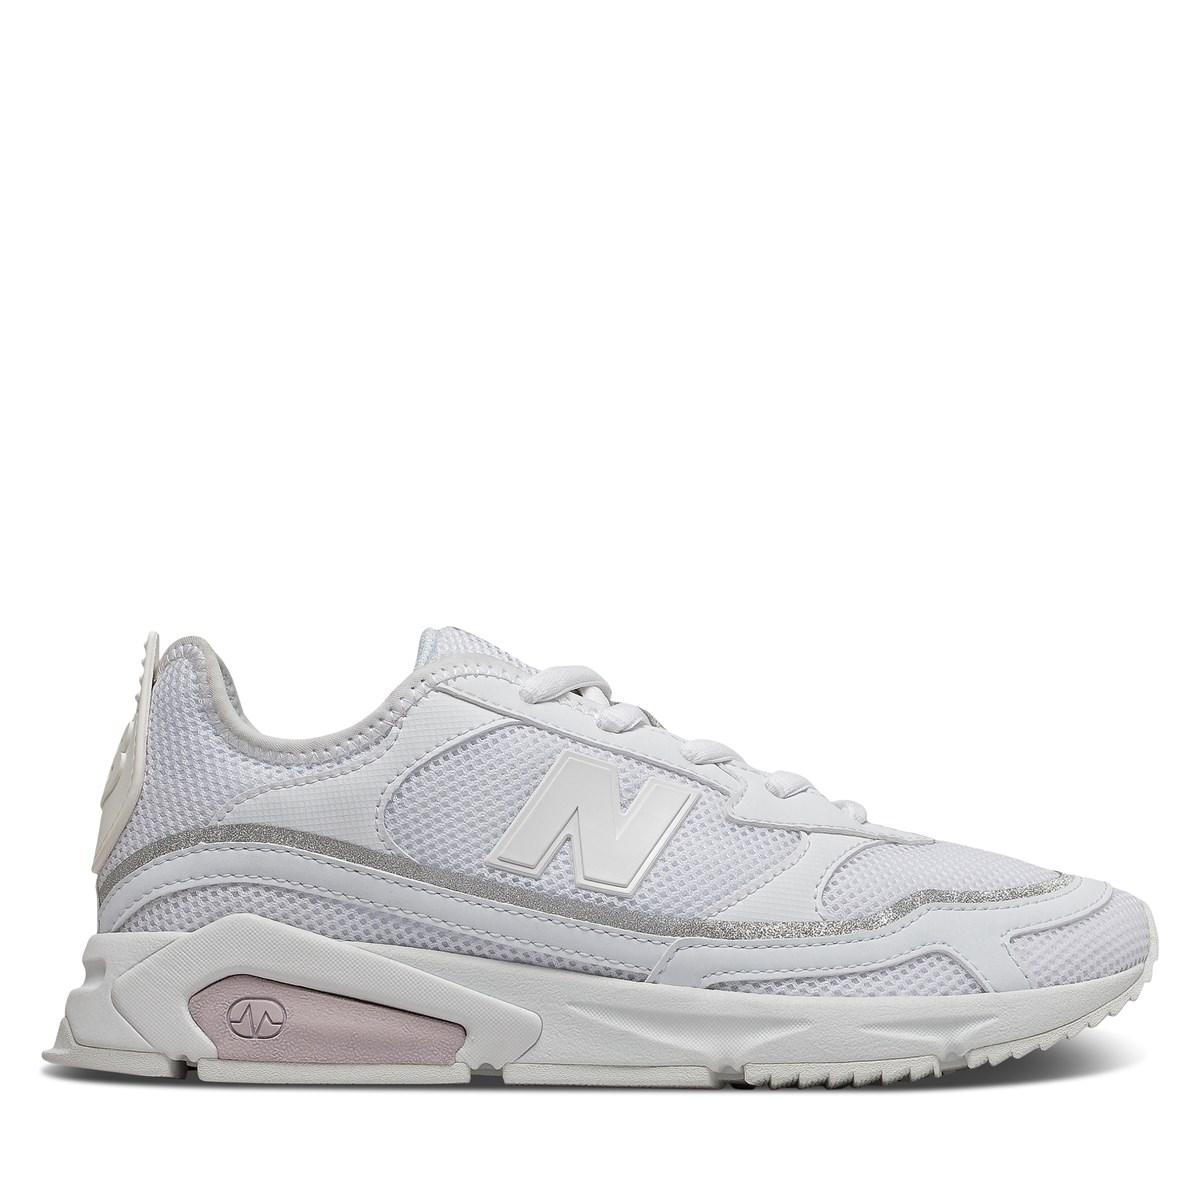 Women's X-Racer Sneakers in Grey